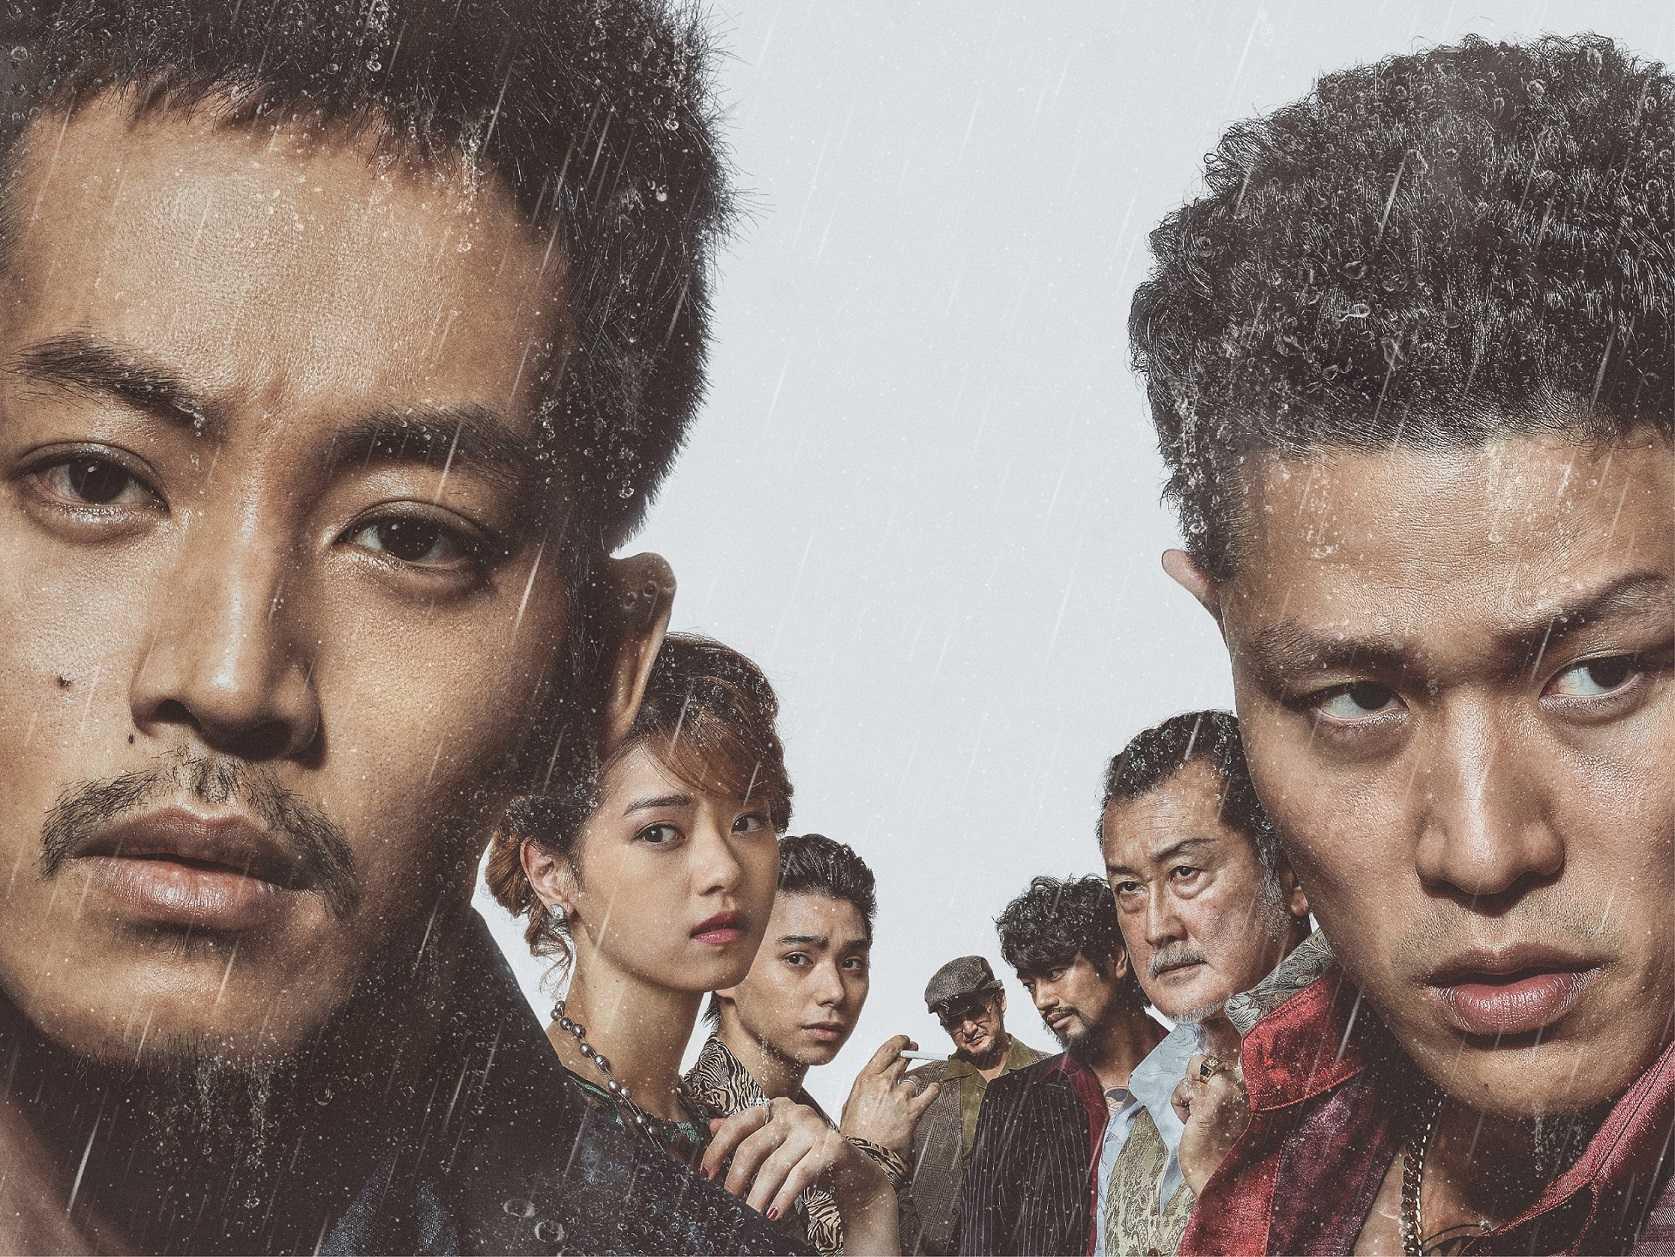 8・13東京で報知映画賞・特選試写会「孤狼の血 LEVEL2」を開催!